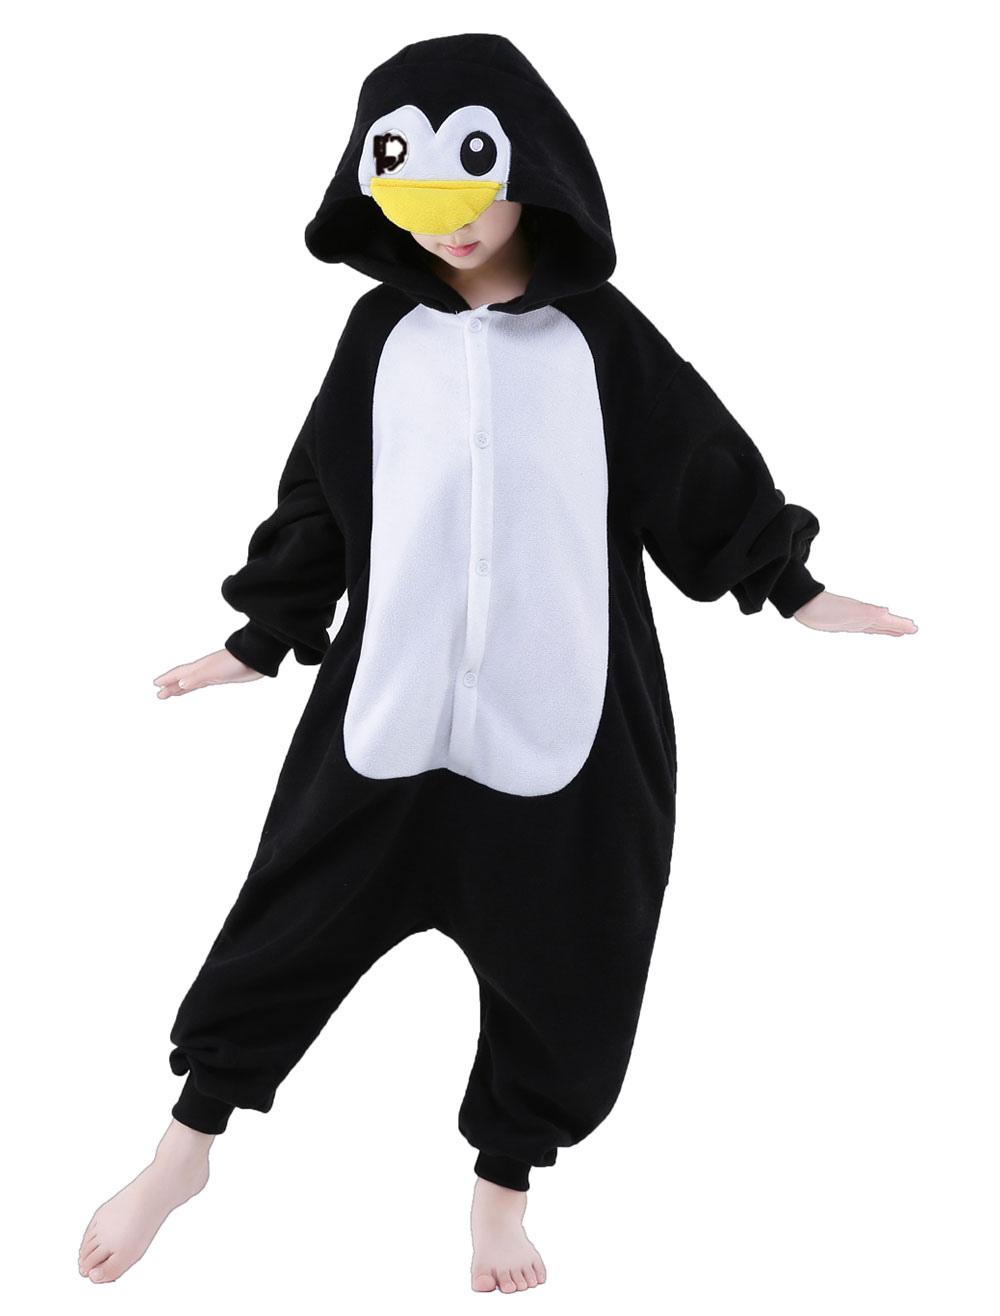 Пингвин Kigurumi костюм детей животных Onesie пижамы Черный Хэллоуин -  Milanoo.com ru 388c916e0f46f